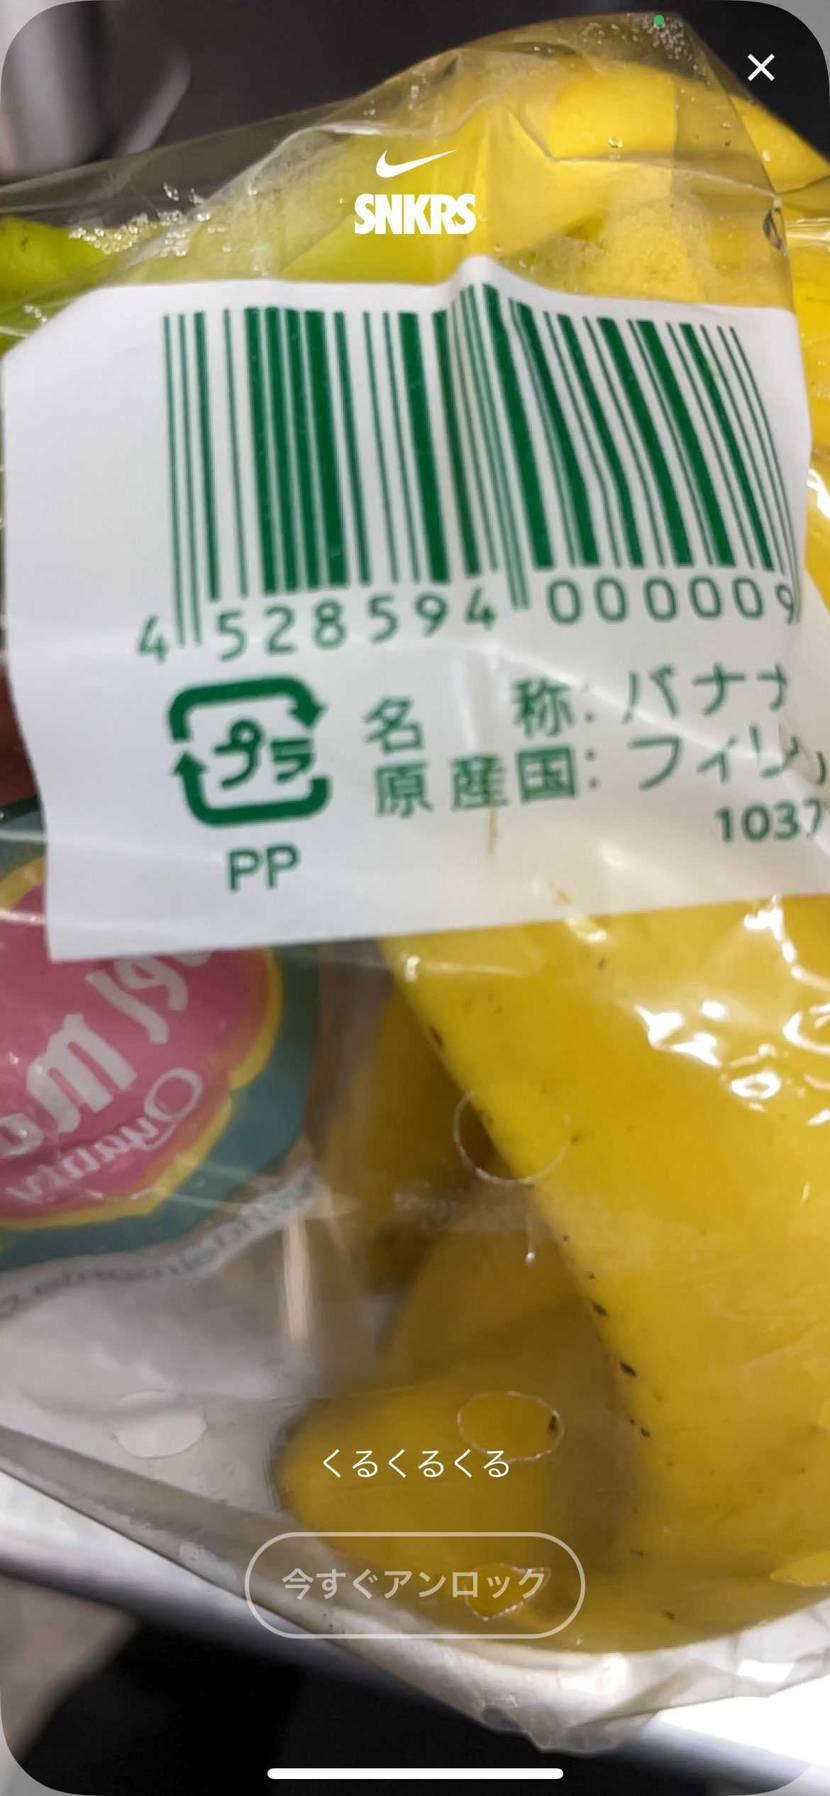 バナナもすき焼きのタレもダメ😇